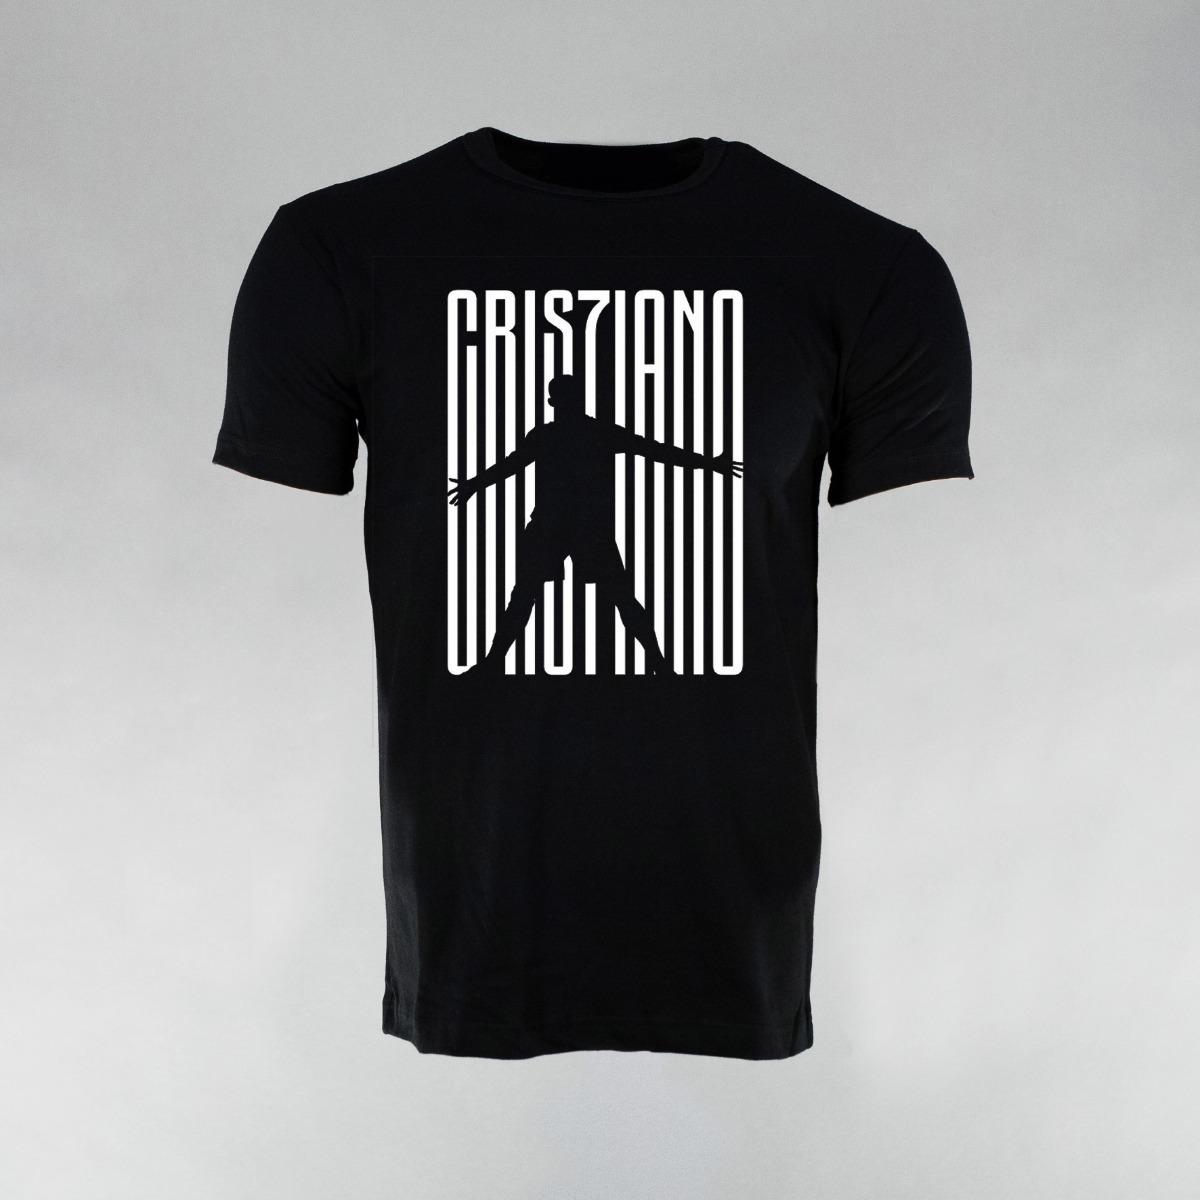 Playera Cristiano Ronaldo Cr7 Juventus 2018 -   289.00 en Mercado Libre 94fe29a50be82